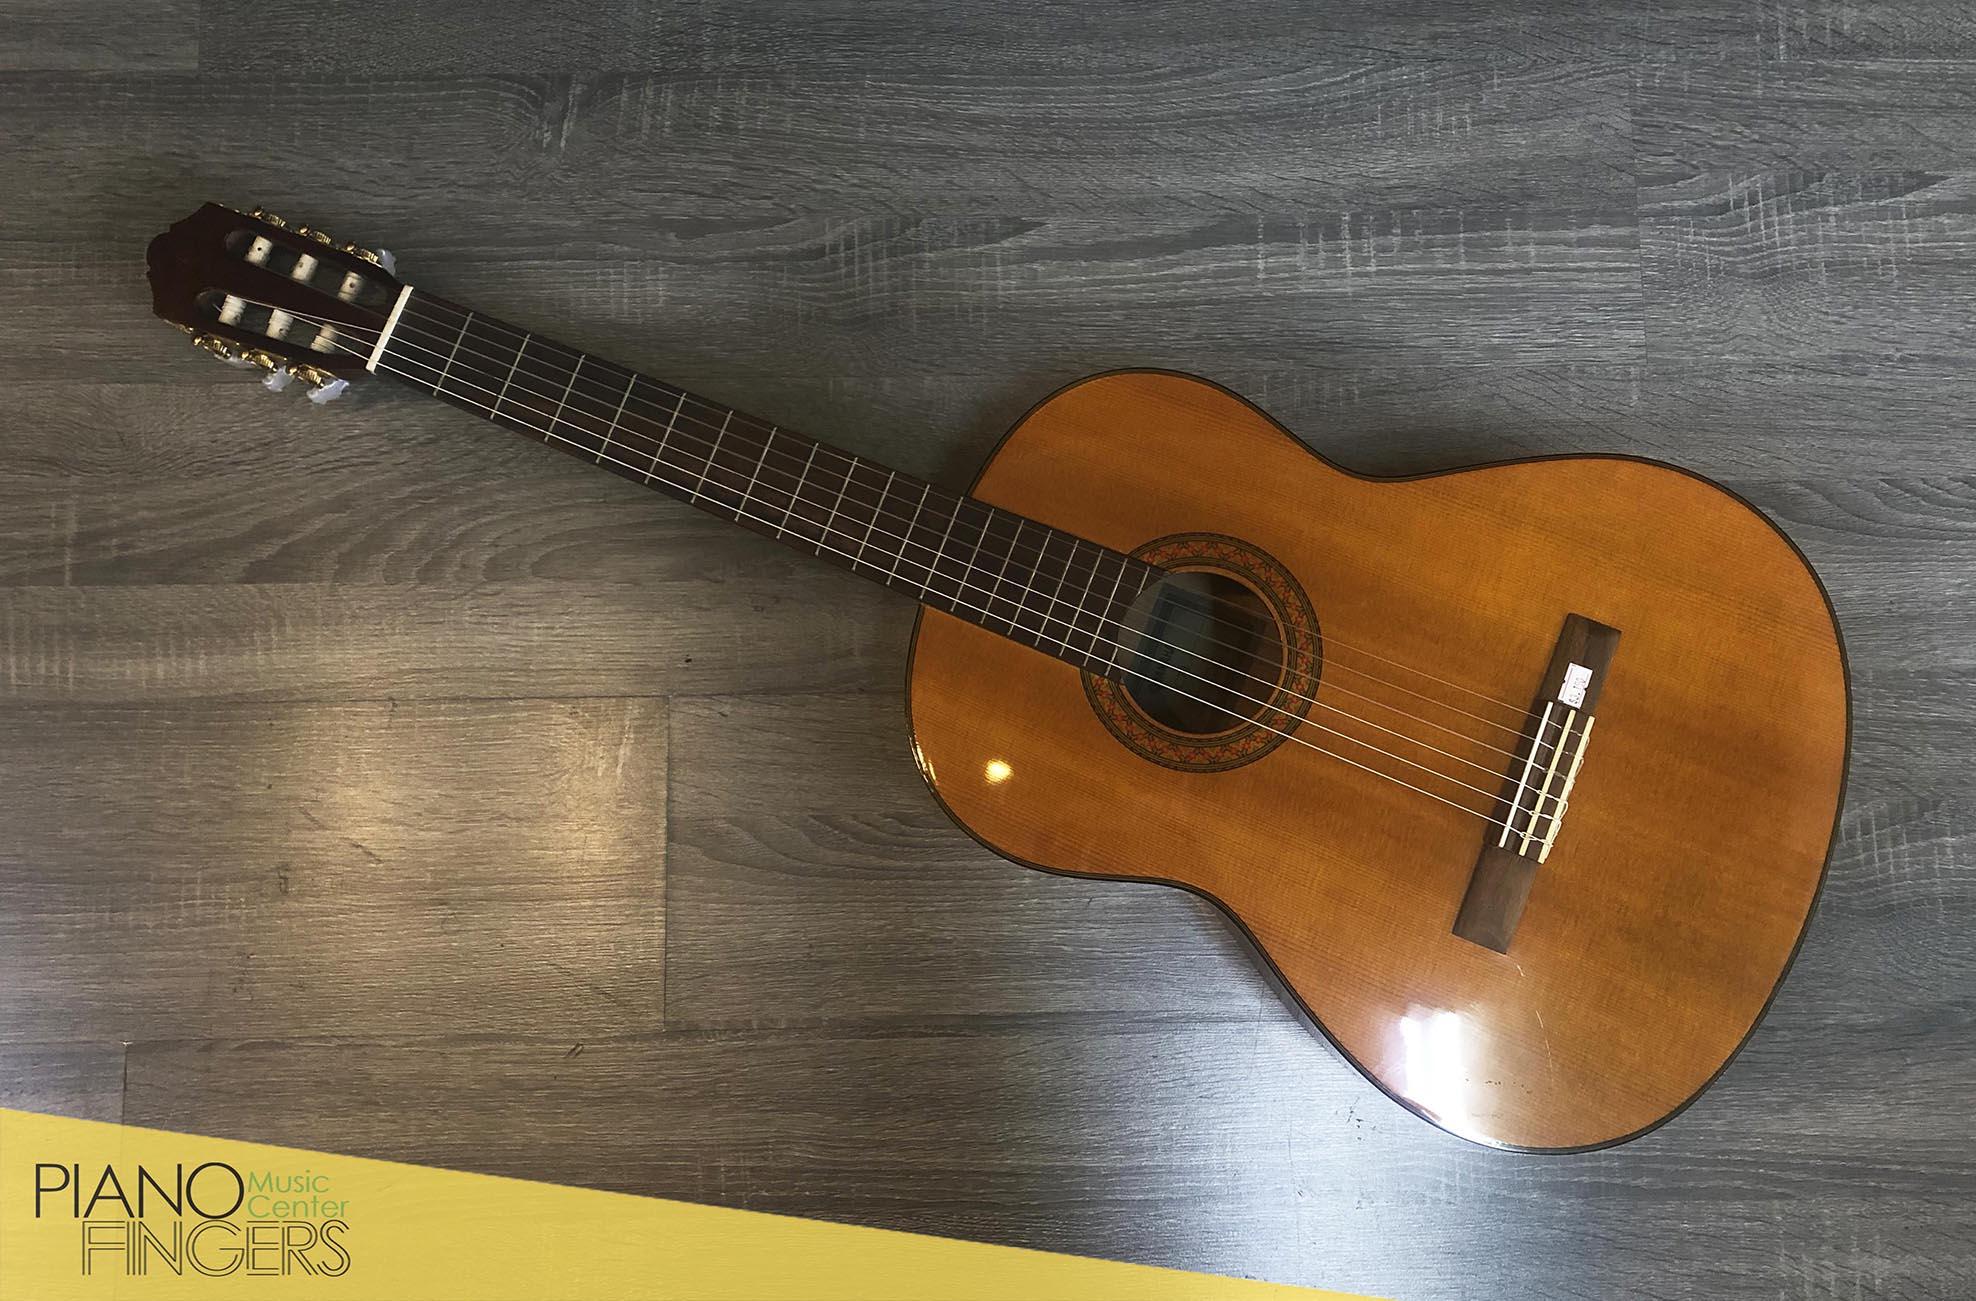 gia-dan-guitar-yamaha-top-nhung-cay-dan-guitar-yamaha-gia-re-ban-chay-nhat-nam-2021-c70